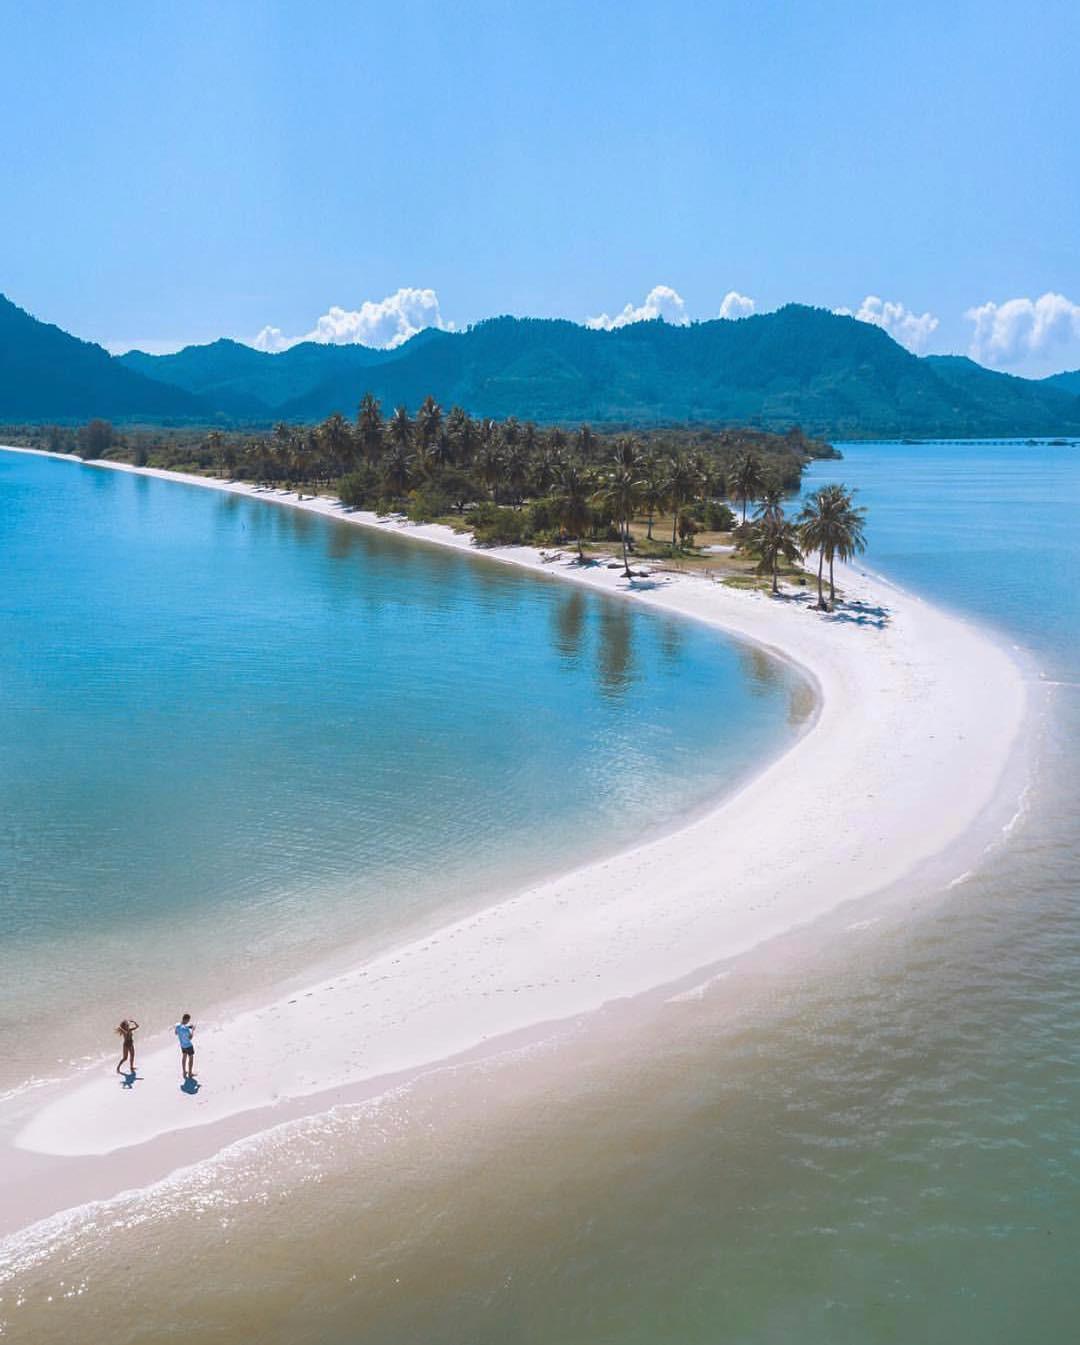 Khám phá những hòn đảo đẹp không lối về ở Thái Lan - Ảnh 8.